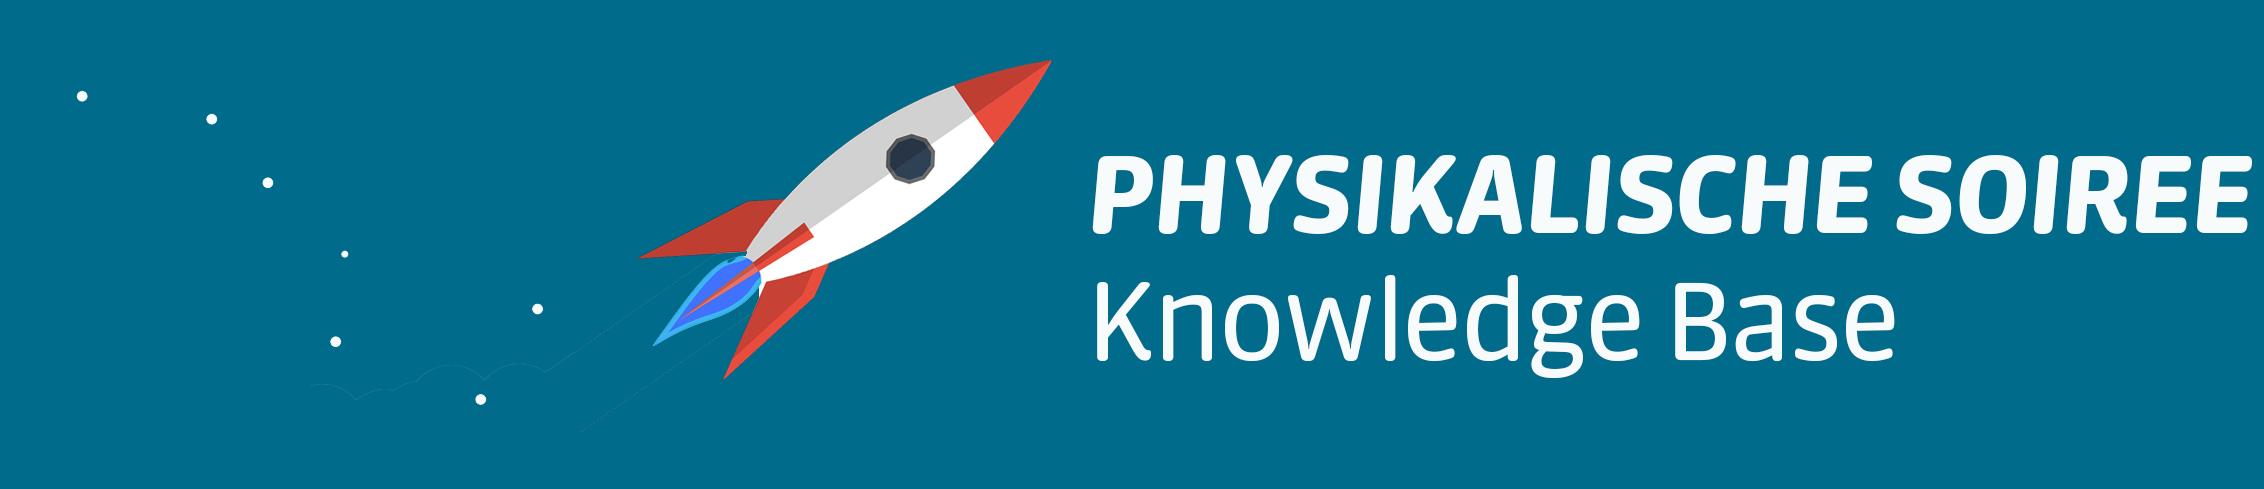 Physikalische Soiree | Wissen